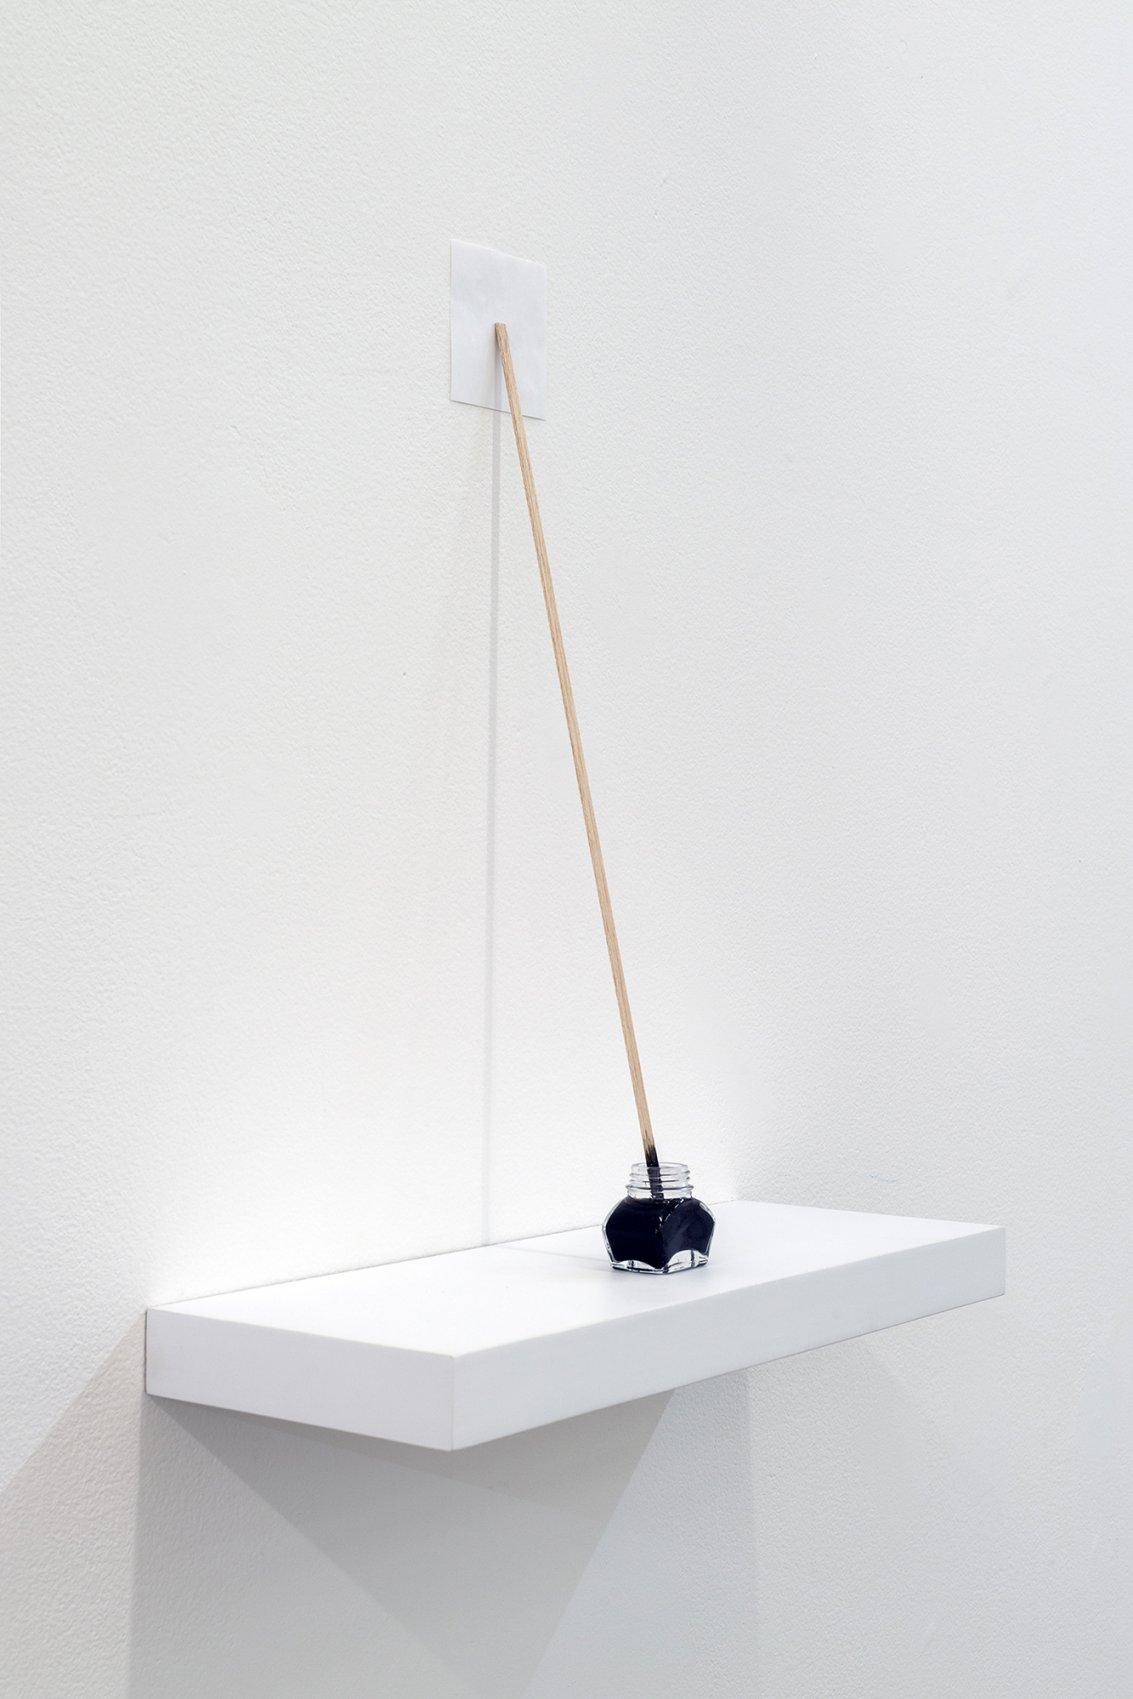 Tinta sobre papel (2013) - Ana Bidart